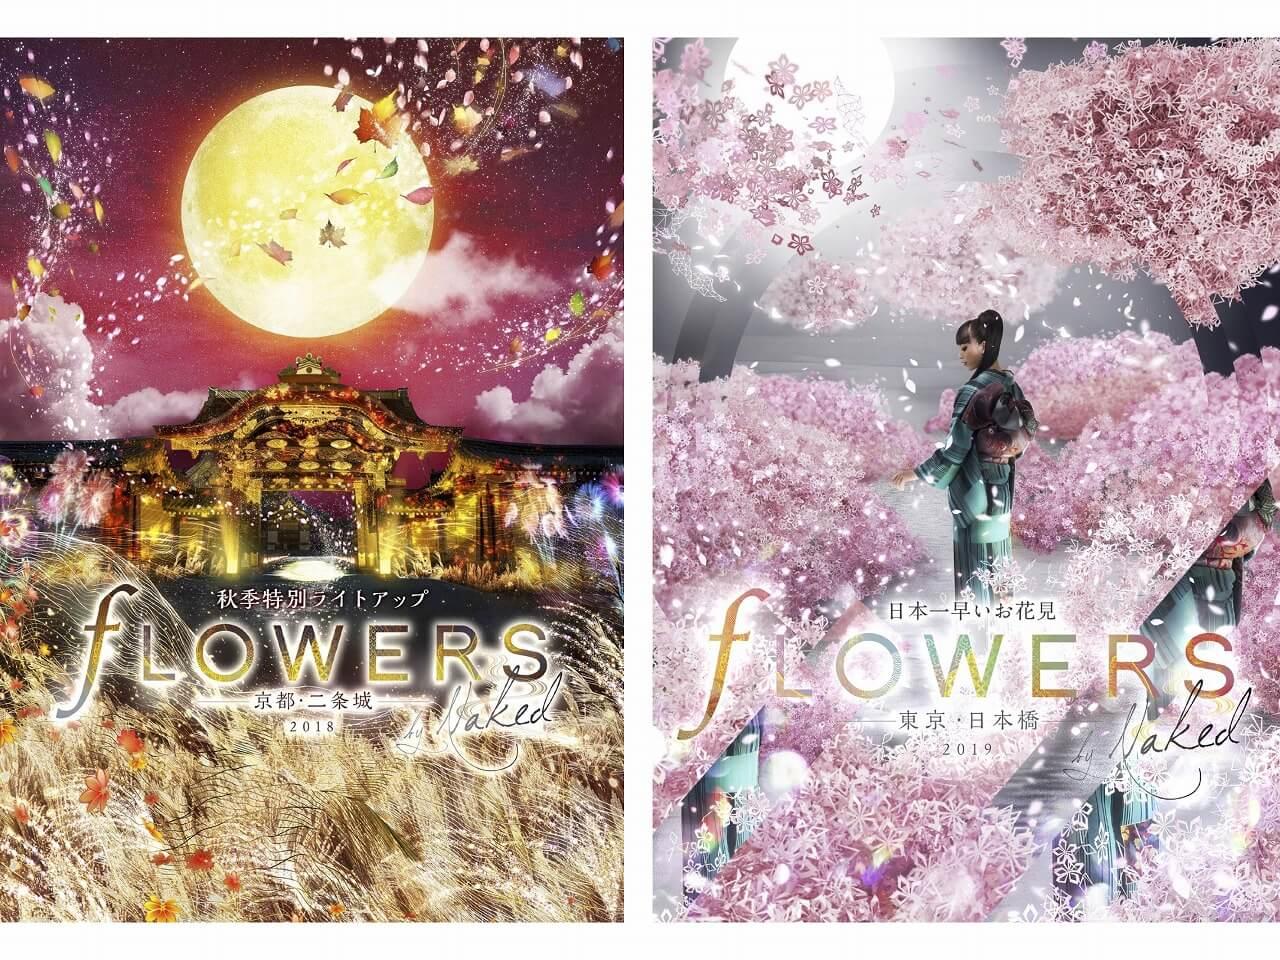 FLOWERS BY NAKED フラワーズ バイ ネイキッド 京都 東京 日本橋 二条城 Kyoto Tokyo Nihonbashi Nijyojyo_1